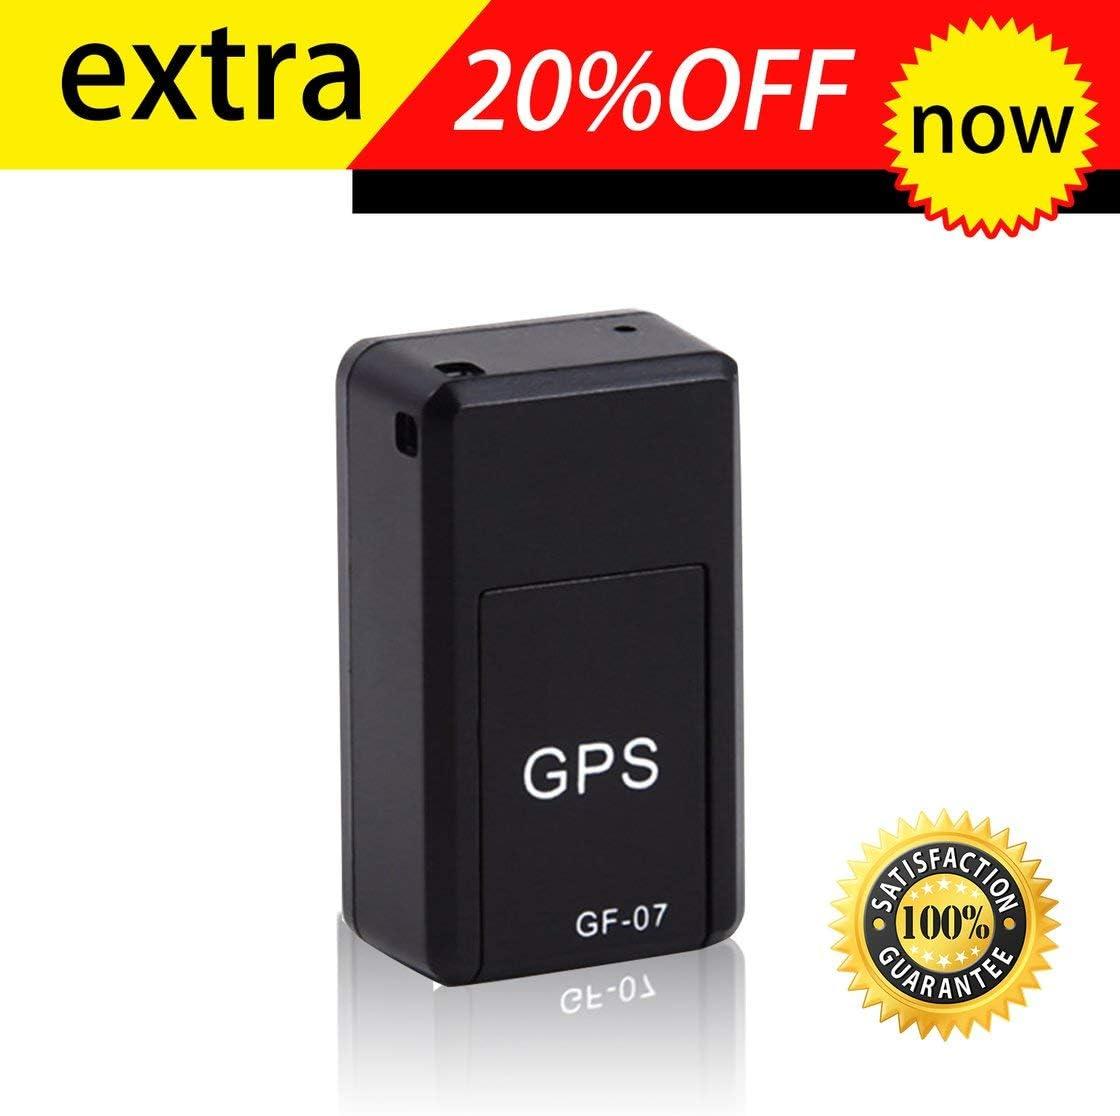 GF07 Mini Tracker Magn/étique GPS de Voiture Tracking Tracking en Temps R/éel Dispositif Magn/étique GPS Tracker Localisateur de V/éhicules en Temps R/éel